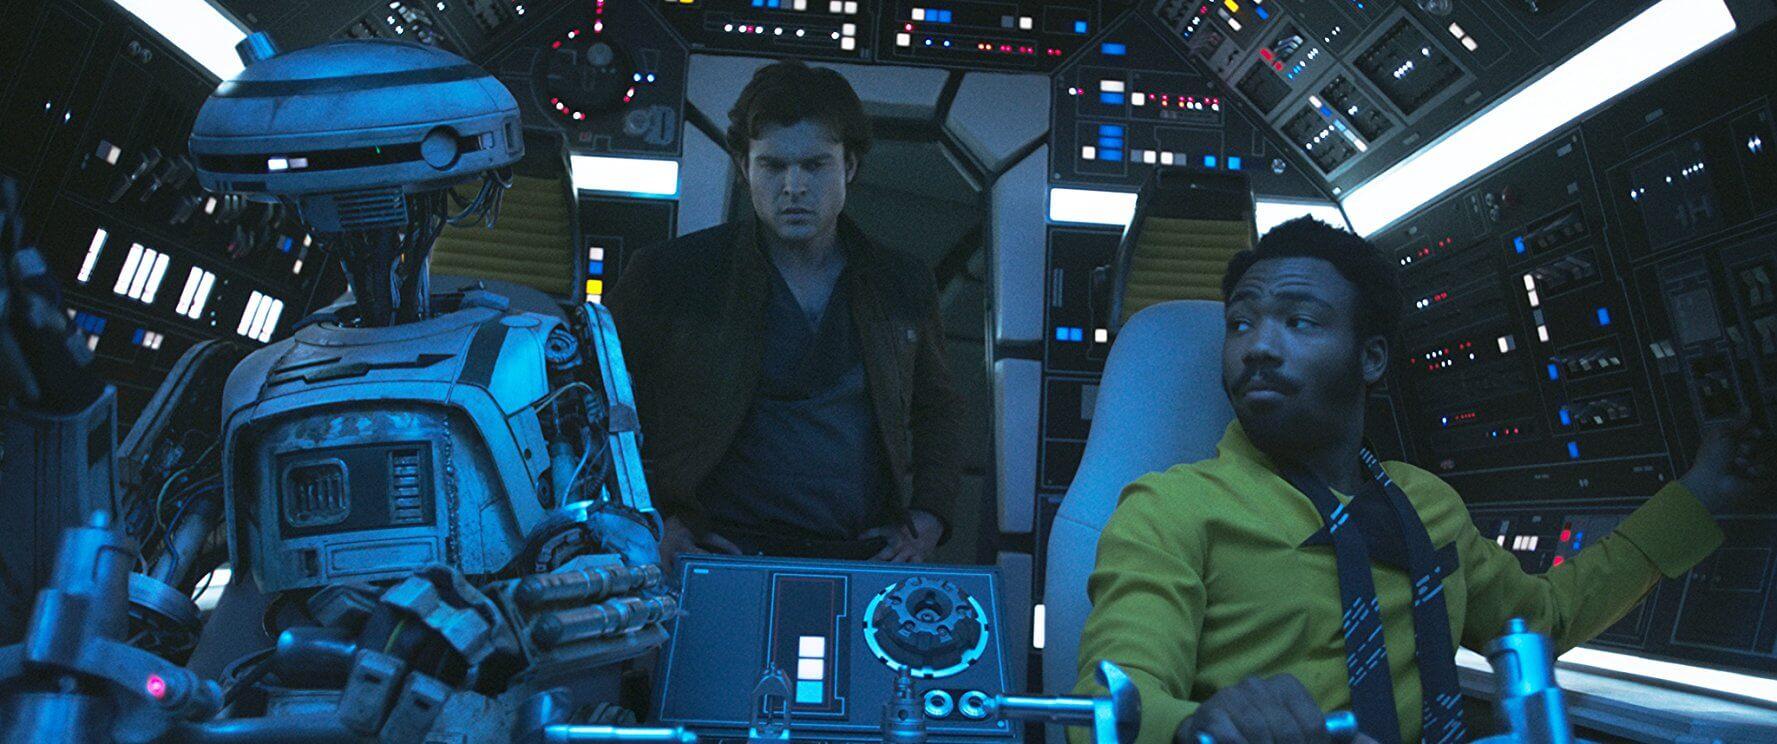 2018年上半年星戰迷的話題,當然聚集在 星際大戰 外傳電影 《 韓索羅 》上。 本片由 朗霍華 執導, 盧卡斯影業 推出。